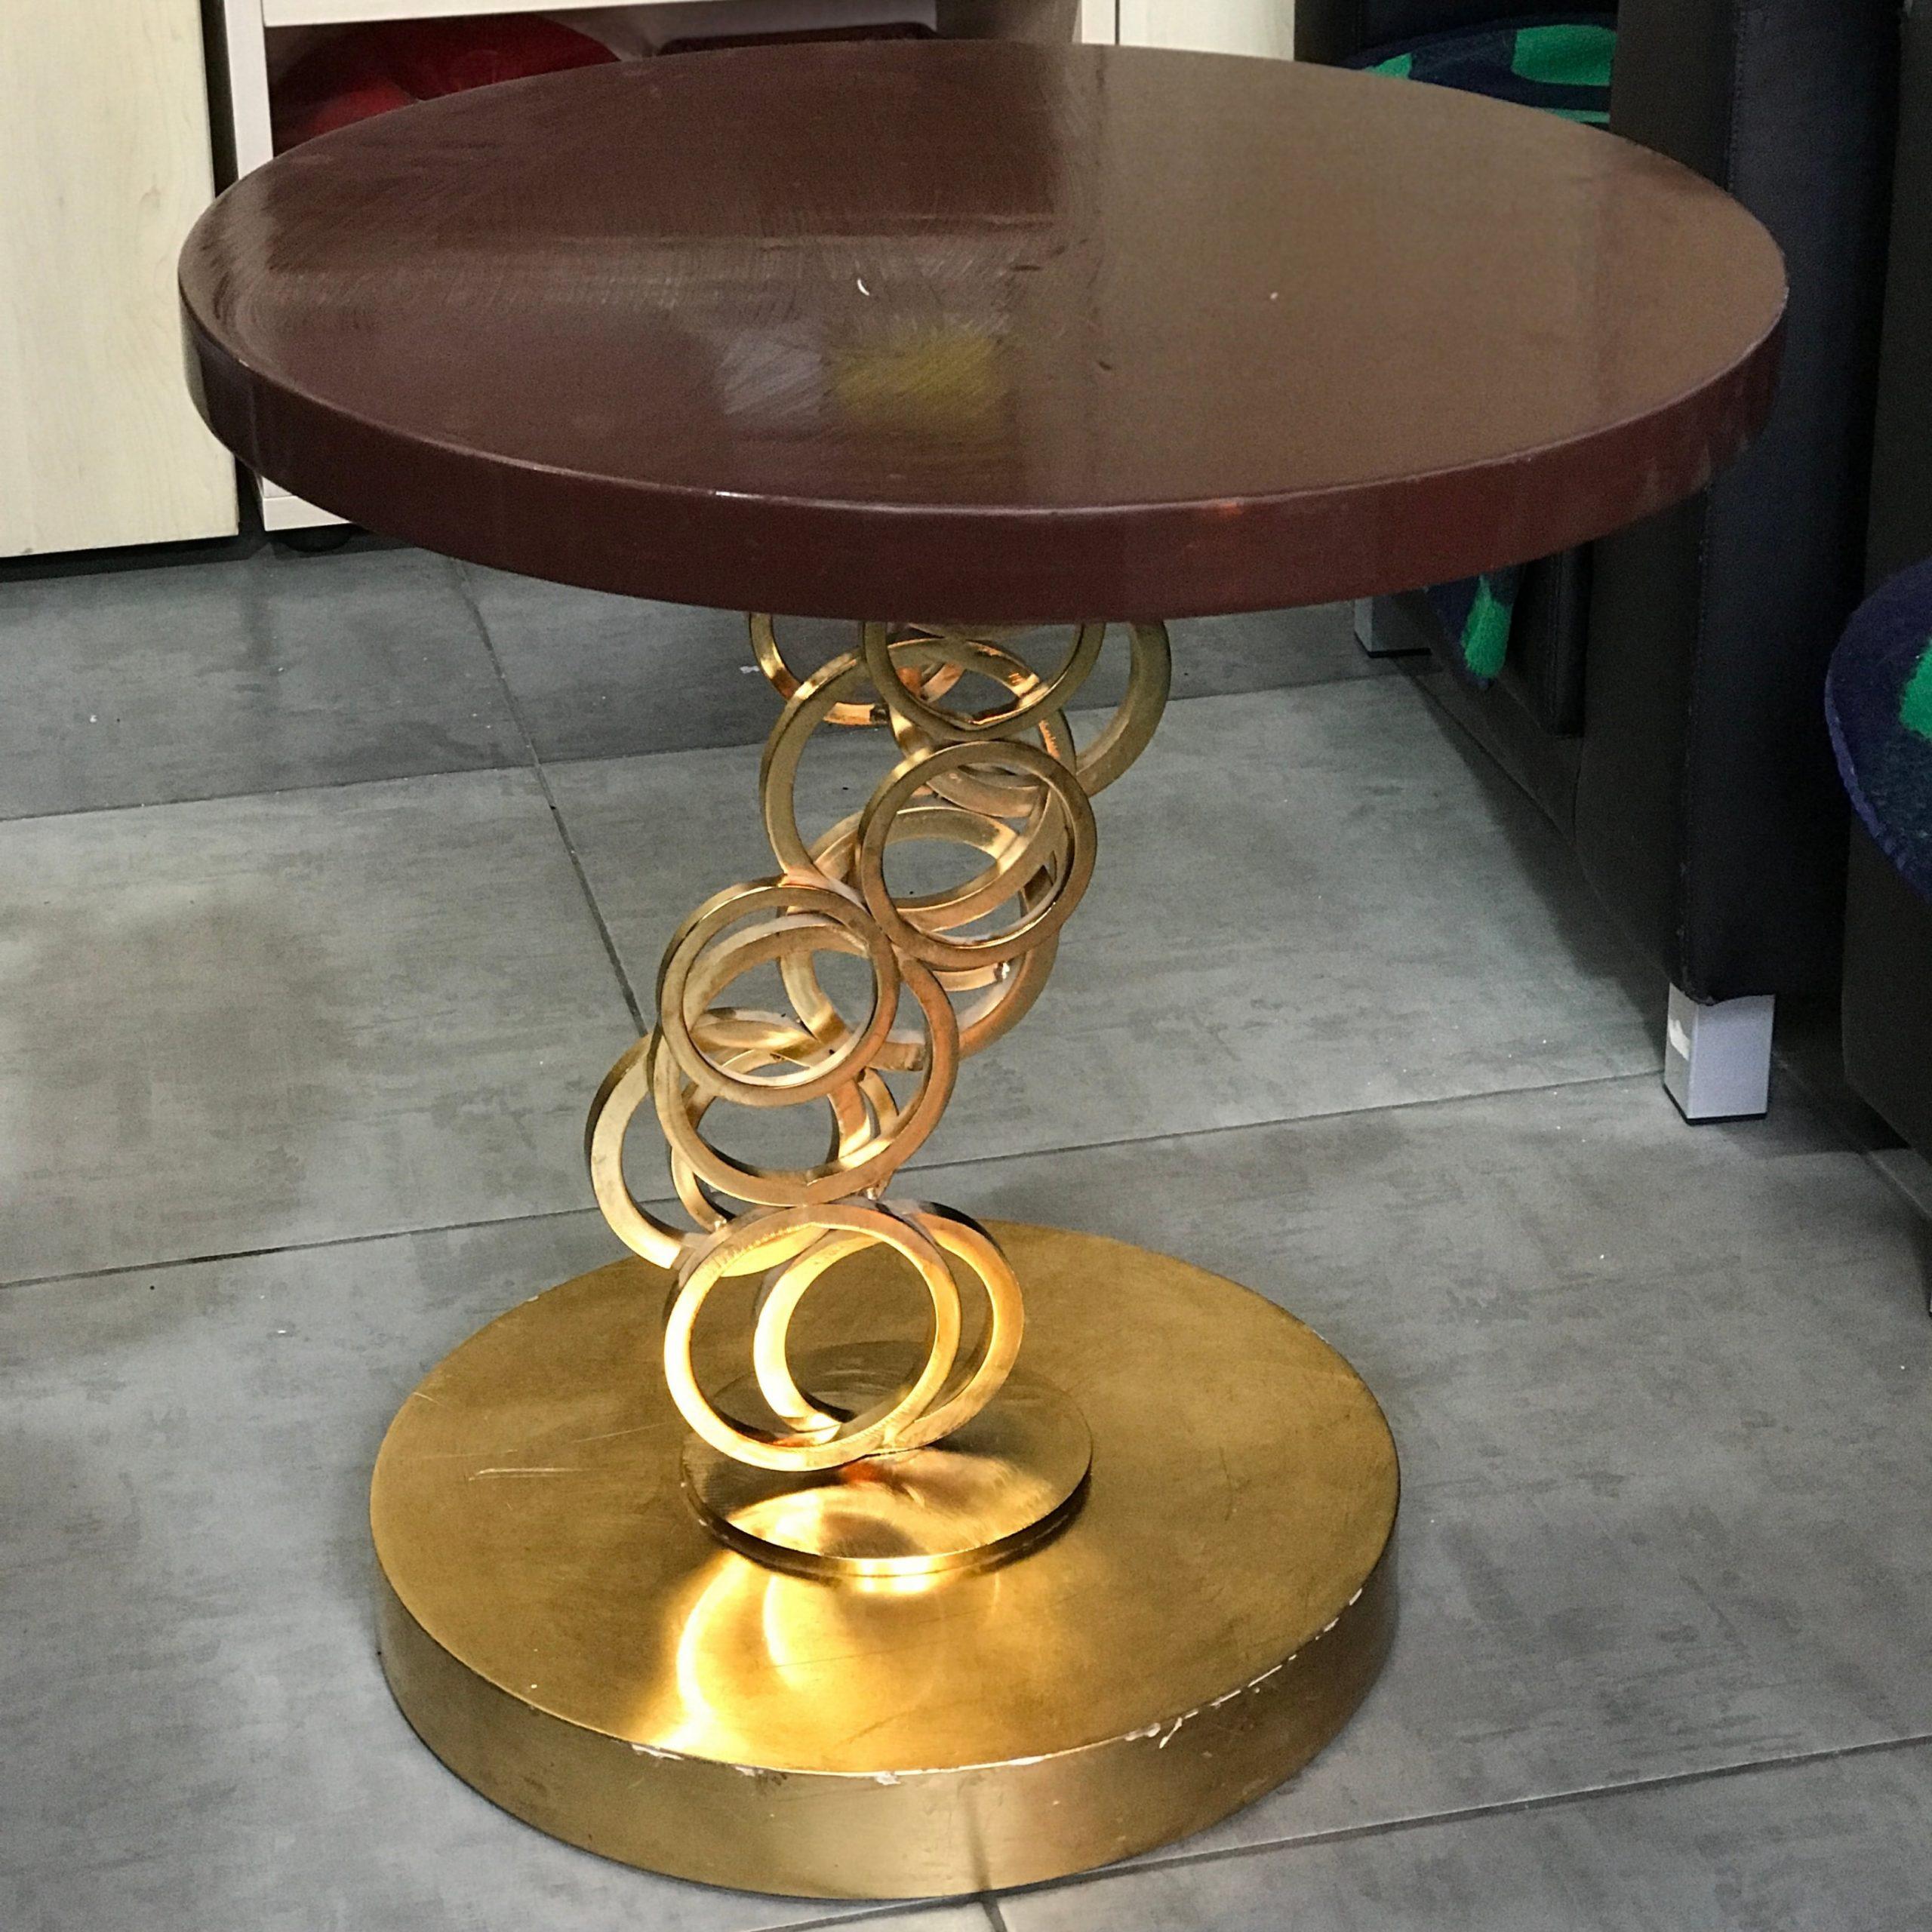 Стол до декорирования (Vse Repair)